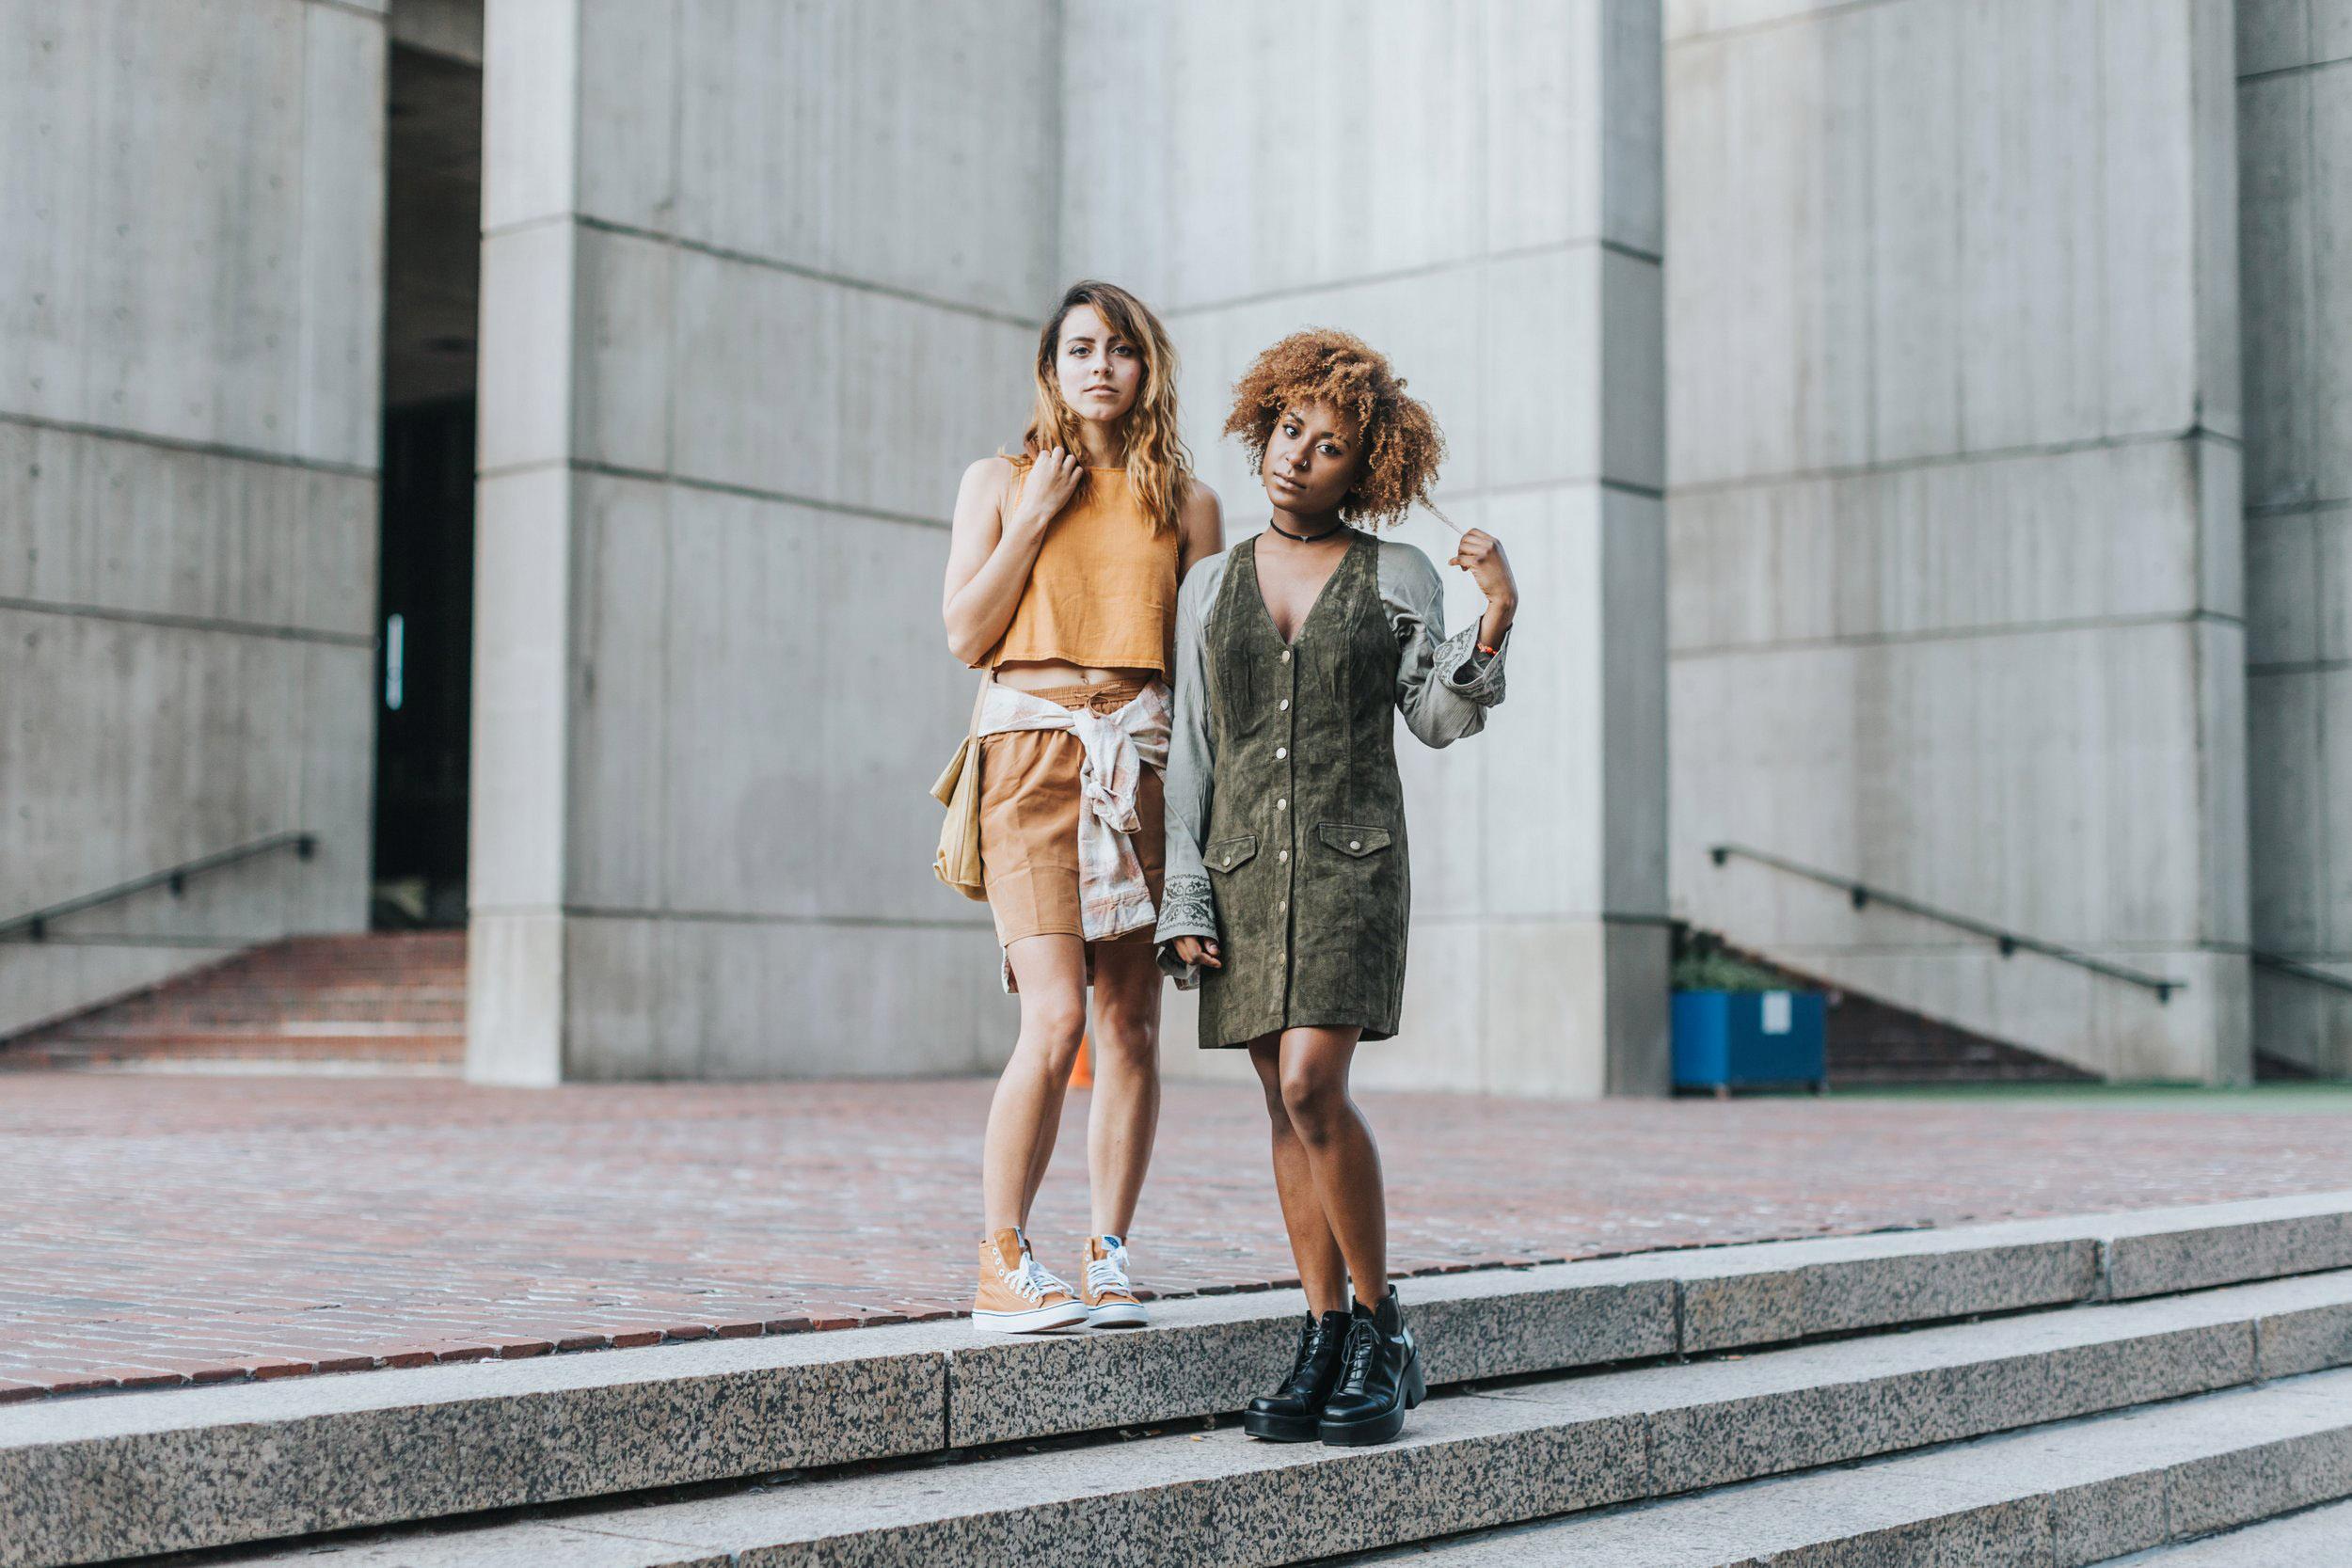 Urban_Outfitters_Boston_Boston_Lena_Mirisola_46.jpg